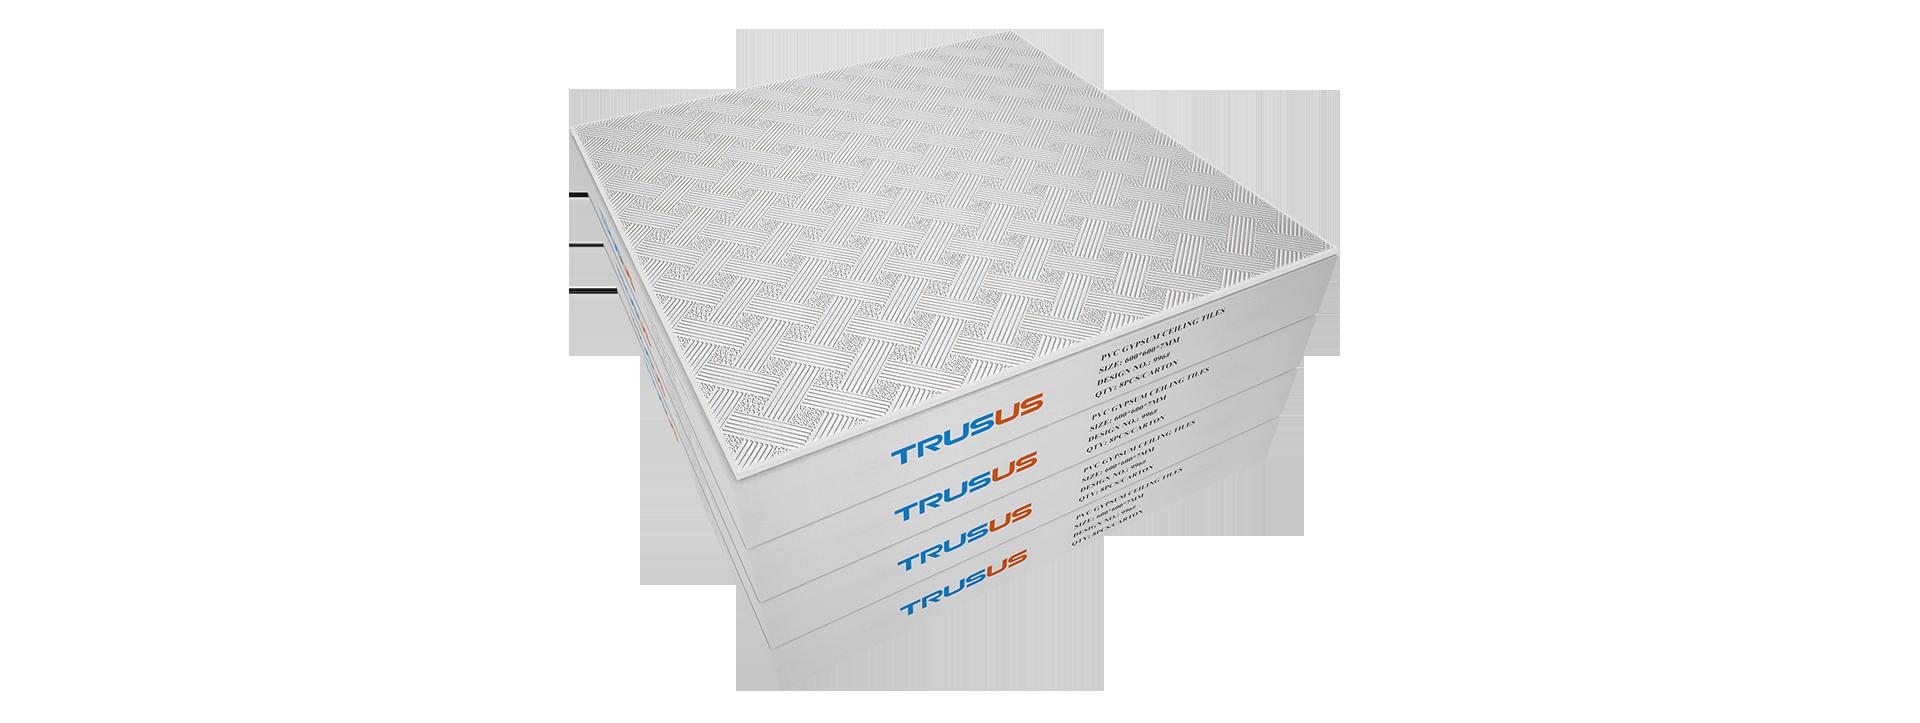 Pvc Laminated Gypsum Ceiling Tiles Manufacturers I Trusus Brand